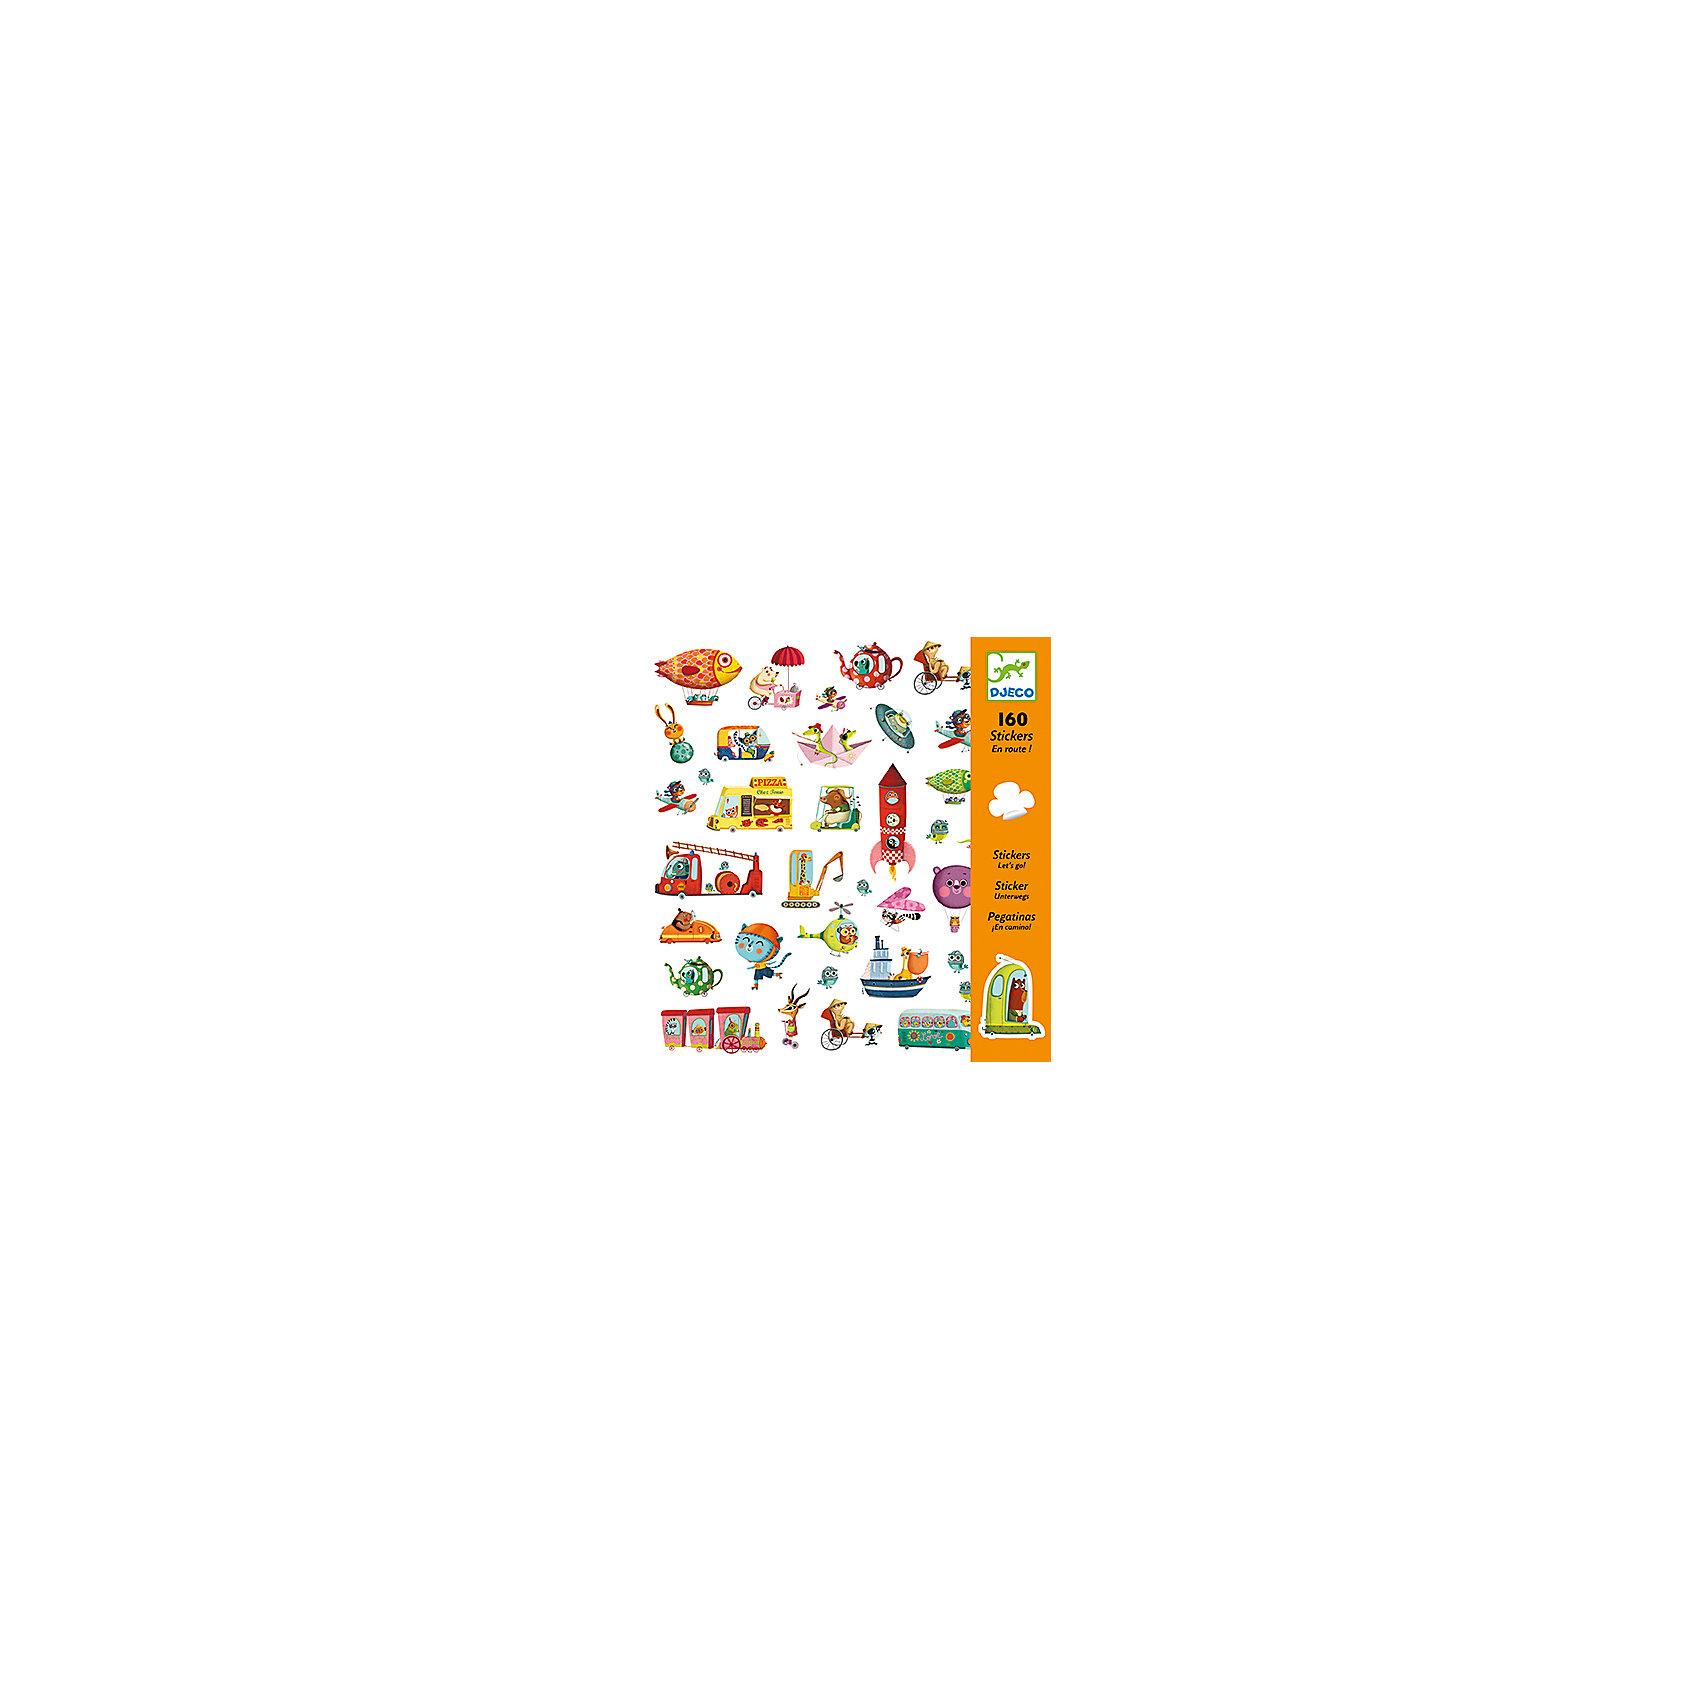 Наклейки «В дорогу!»Наклейки «В дорогу!» – это комплект замечательных ярких наклеек на тему транспорта.<br>Удивительный набор наклеек «В дорогу!» от французского бренда Djeco (Джеко) украсит любые поверхности детской комнаты. Можно оформить красивую открытку или аппликацию и подарить ее бабушке или друзьям. Изображения созданы современными французскими художниками. Каждая наклейка в этом наборе уникальна и необычна. Вашему малышу будет интересно рассматривать веселых зверушек на разнообразных видах транспорта: поезд, ракета, дирижабль, НЛО... Персонажи изображены в карикатурном жанре. Наклейки сделаны на виниловой основе, их можно переклеивать, они прекрасно клеятся к любой поверхности, легко снимаются и не оставляют следов. Процесс декорирования наклейками различных поверхностей окажет влияние на развитии фантазии и творческих способностей ребенка. Набор в яркой красочной упаковке прекрасно подойдет для подарка.<br><br>Дополнительная информация:<br><br>- В наборе: 160 наклеек (80 пар наклеек)<br>- 4 листа наклеек 20х20 см, на каждом по 40 наклеек<br>- Размер упаковки: 23 х 22 х 1 см.<br>- Вес: 70 гр.<br><br>Наклейки «В дорогу!» можно купить в нашем интернет-магазине.<br><br>Ширина мм: 220<br>Глубина мм: 230<br>Высота мм: 10<br>Вес г: 70<br>Возраст от месяцев: 36<br>Возраст до месяцев: 72<br>Пол: Унисекс<br>Возраст: Детский<br>SKU: 4305787